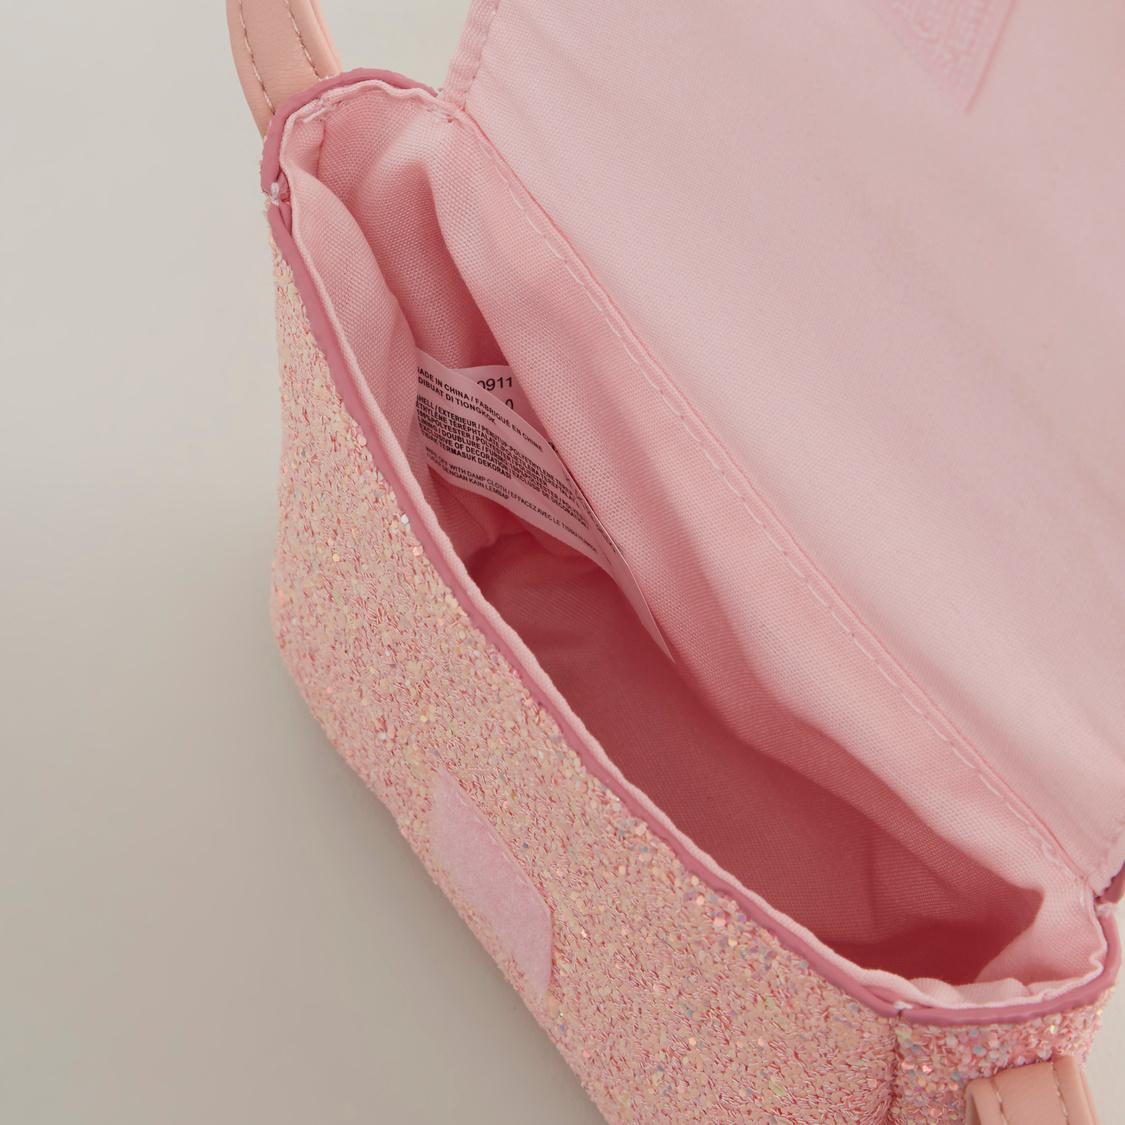 Embellished Satchel Bag with Bow Applique